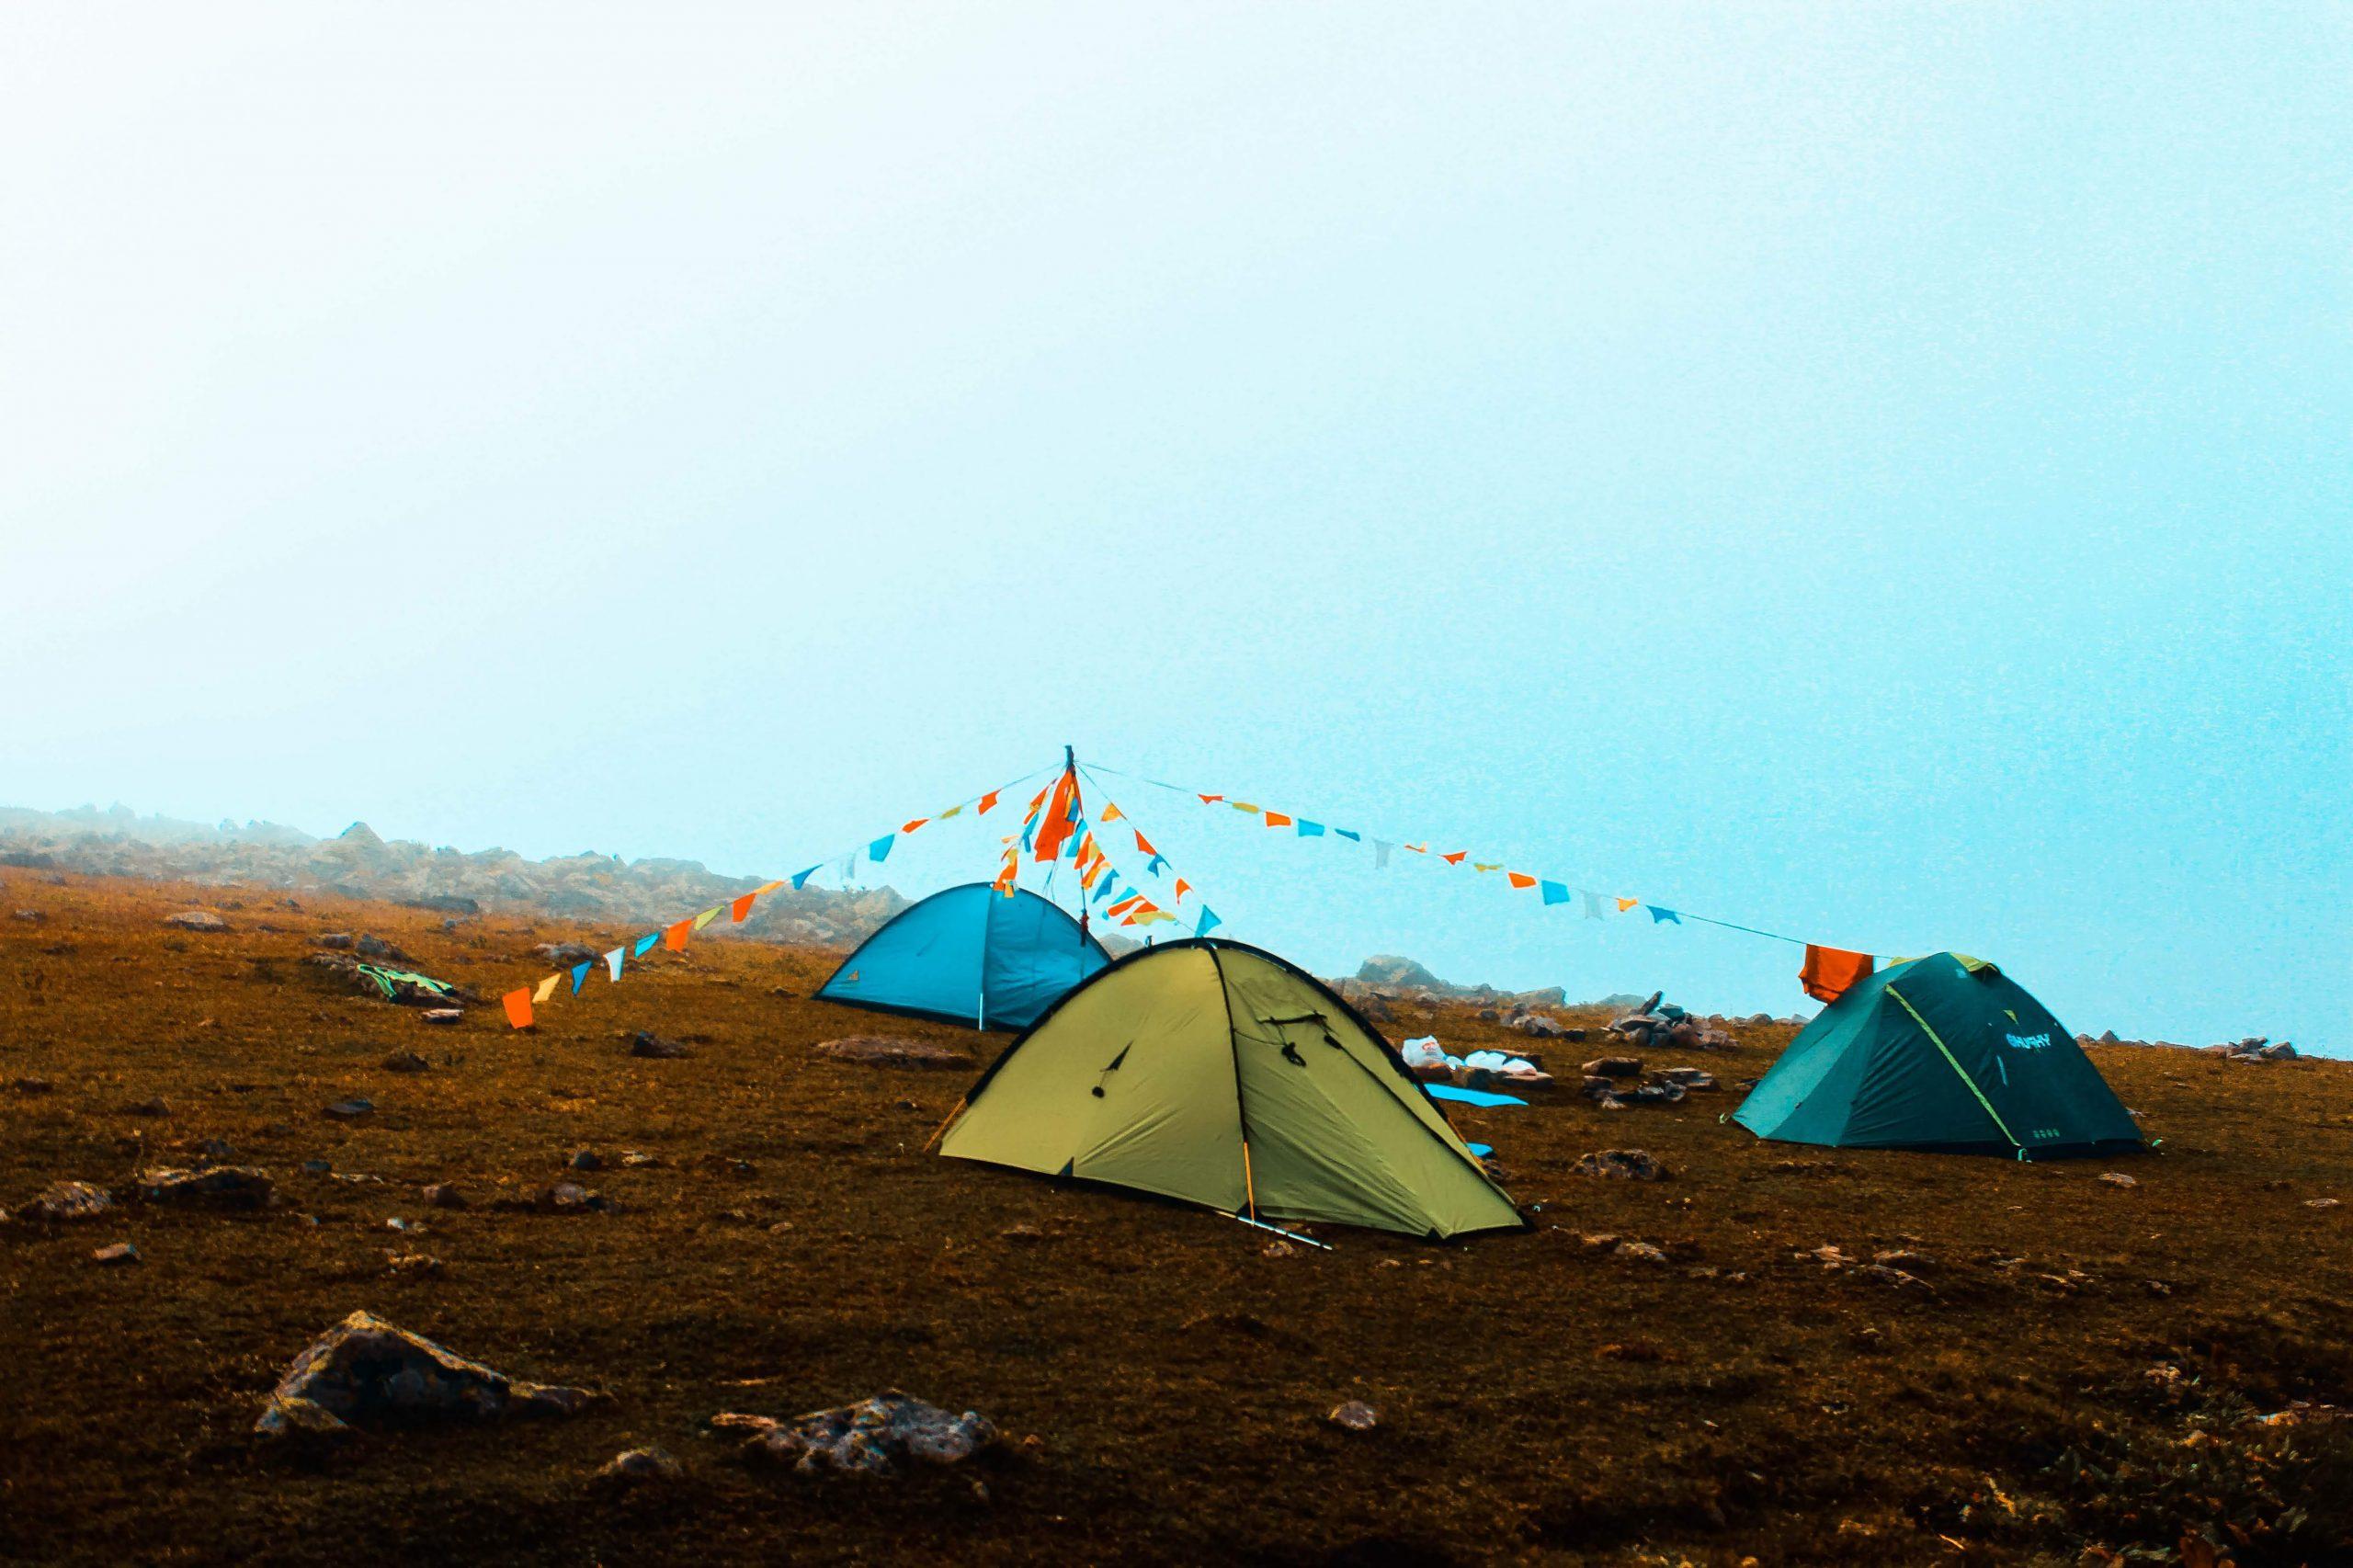 Highland campers